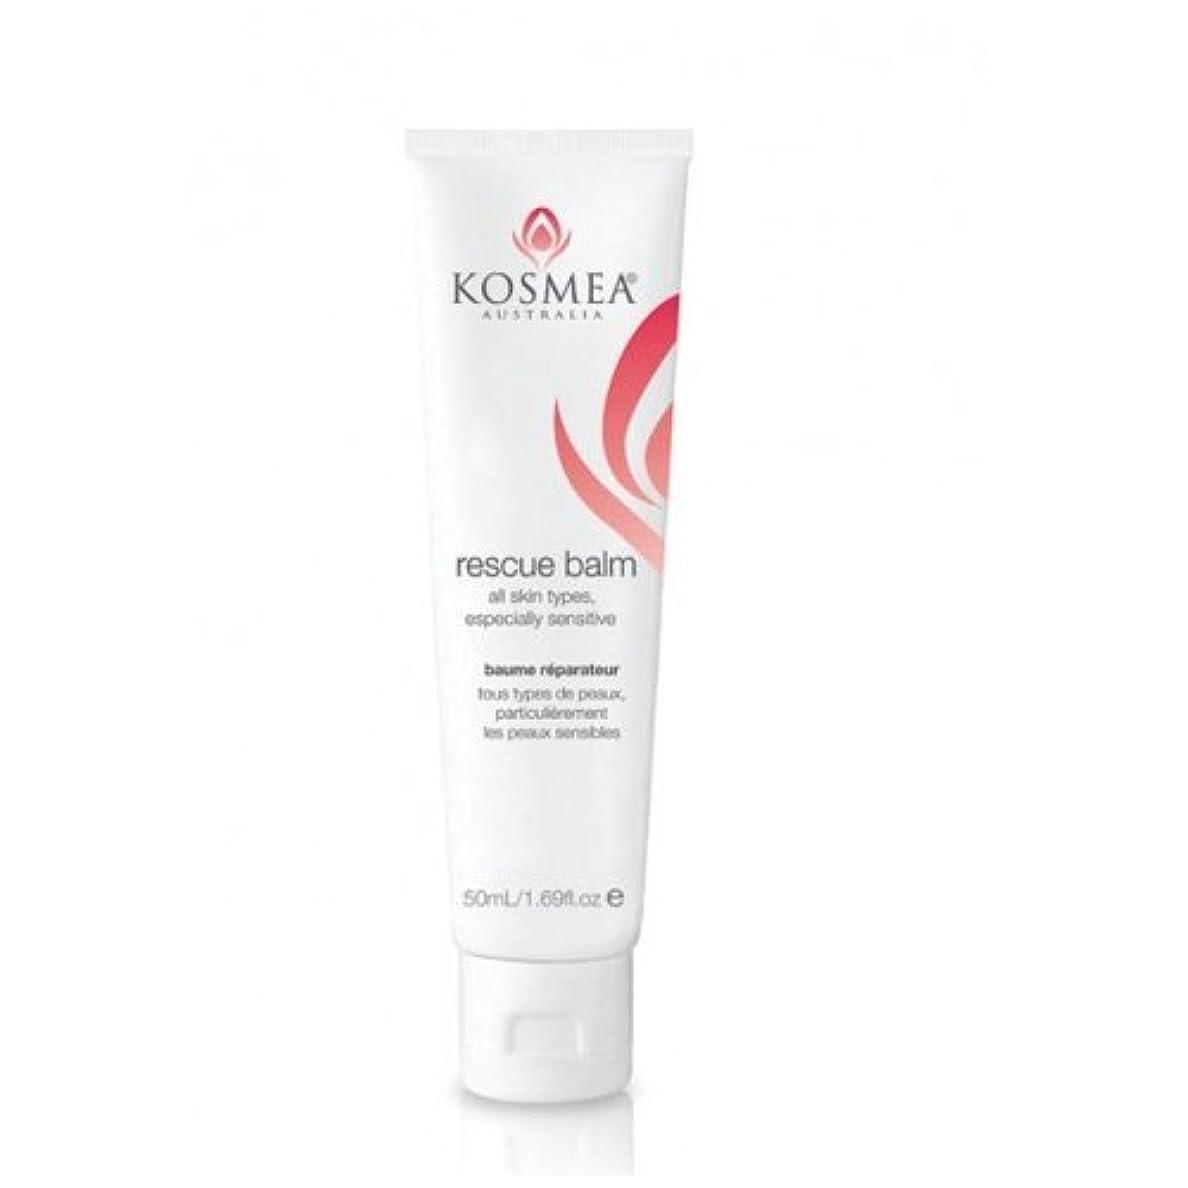 省略する文化温度計【KOSMEA】Skin Clinic TM Rescue Balm コスメア レスキューバーム 50ml【並行輸入品】【海外直送品】